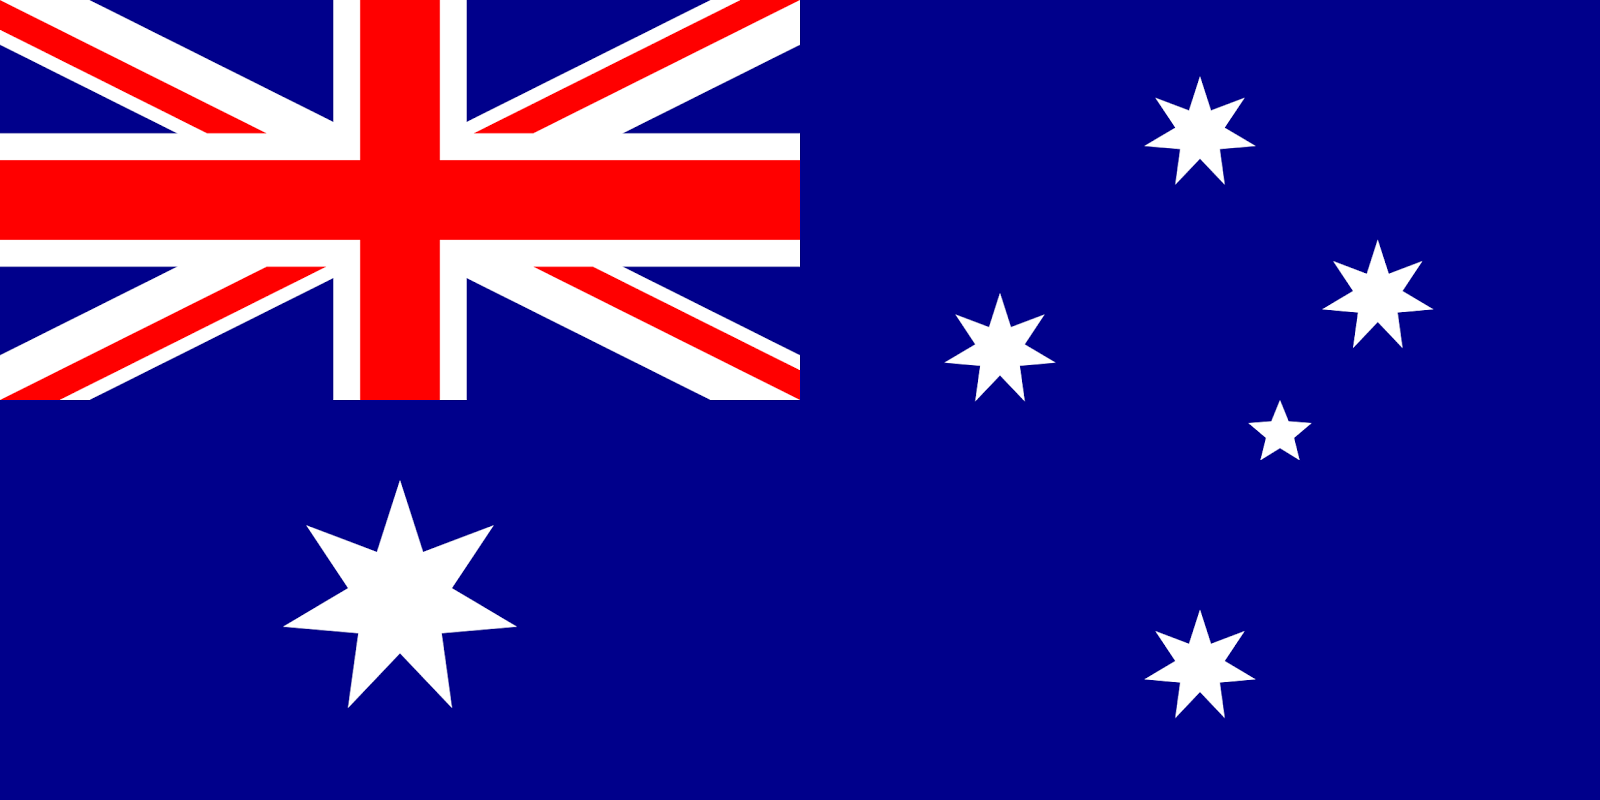 SSH AUSTRALIA Free 4/17/2015 | socksshfree